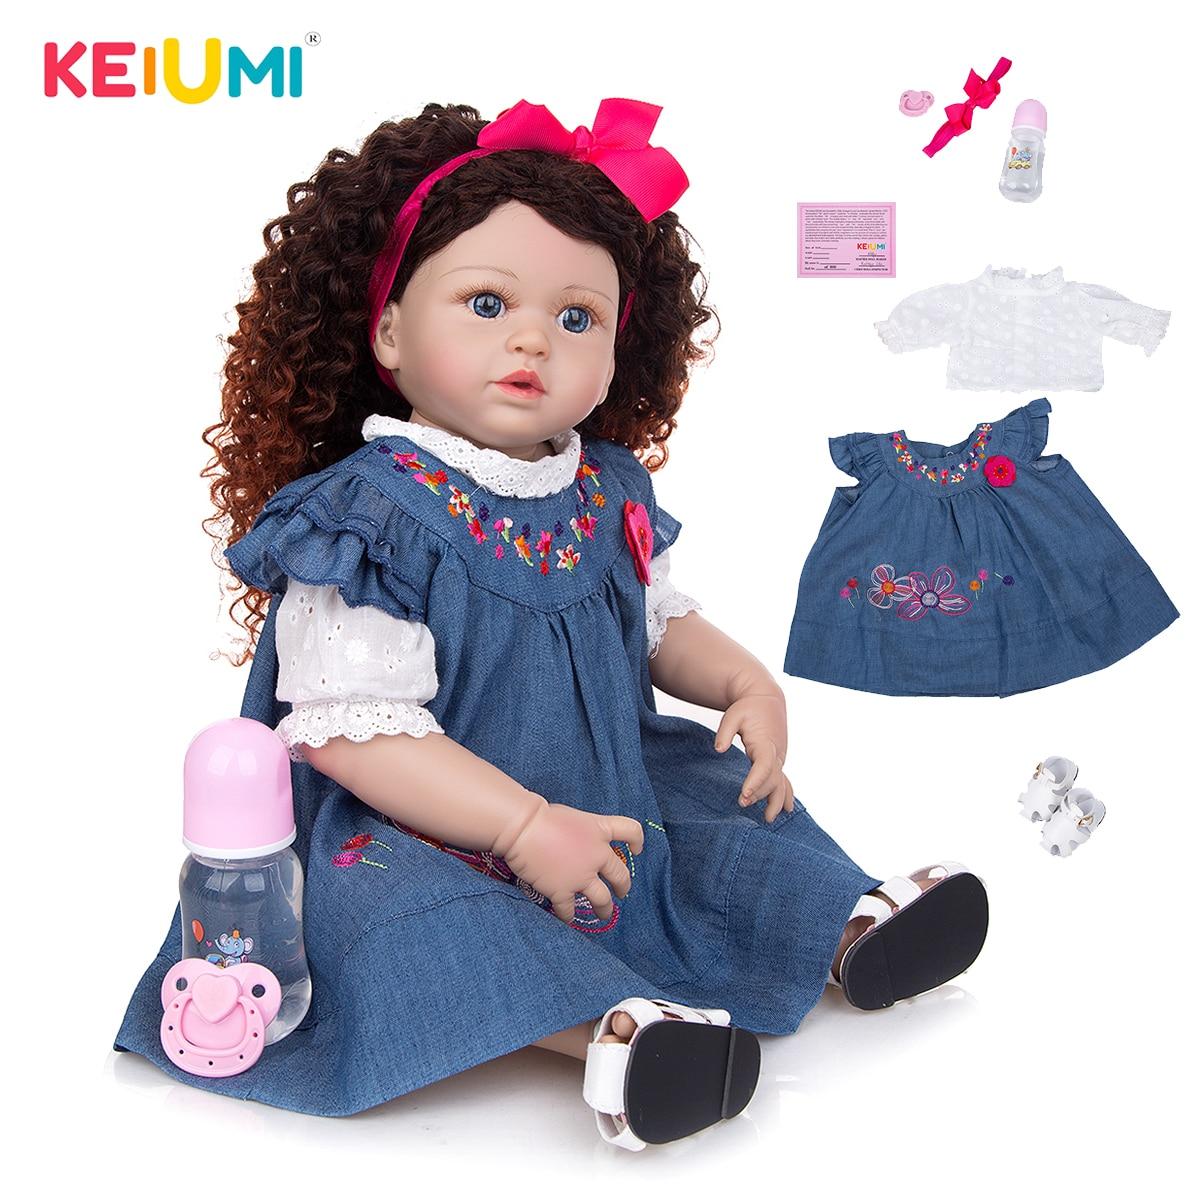 Boom pelo princesa silicona renacido Boneca muñecas del bebé 55CM realista recién nacido bebé niño juguete muñecas para regalos de cumpleaños